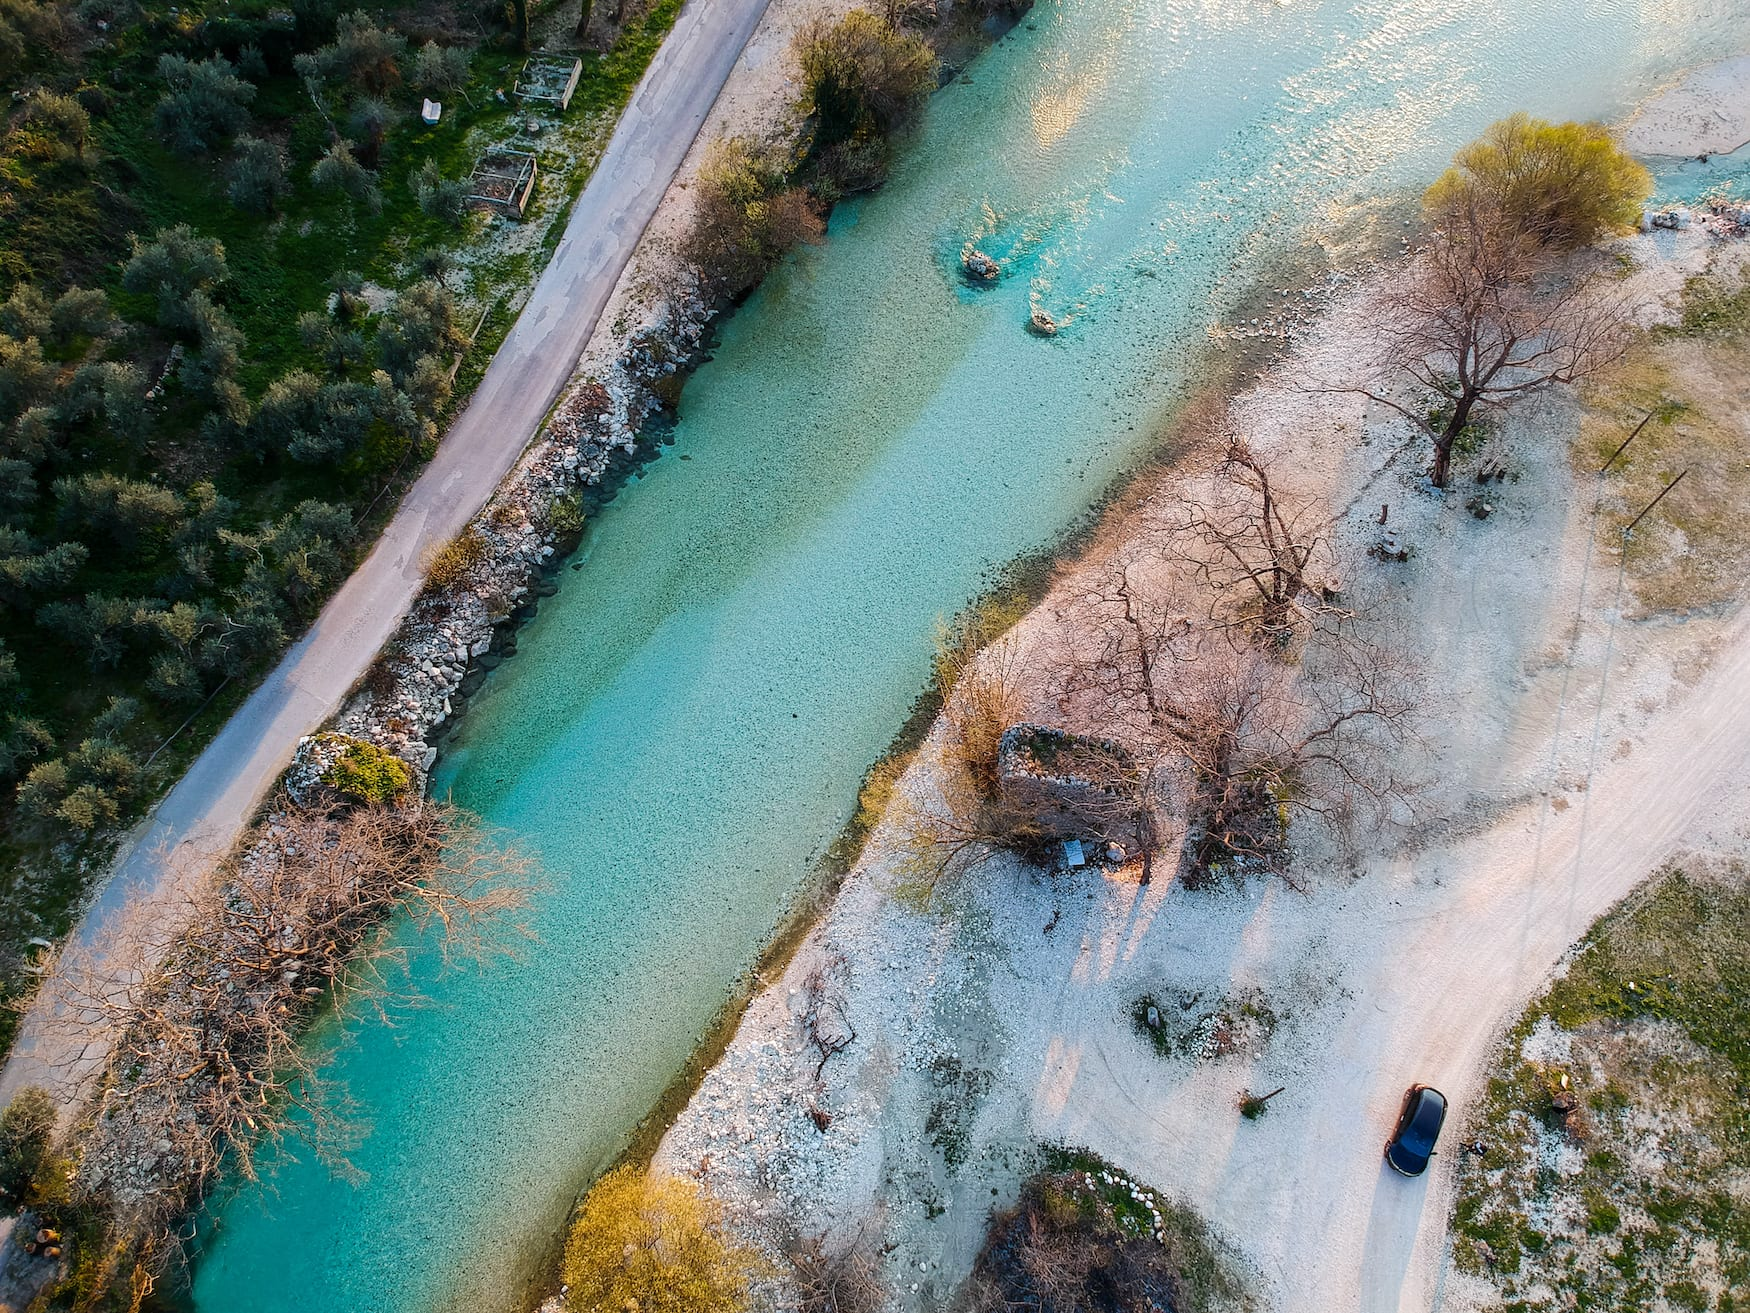 Der Acheron-Fluss entspringt in der griechischen Region Epirus